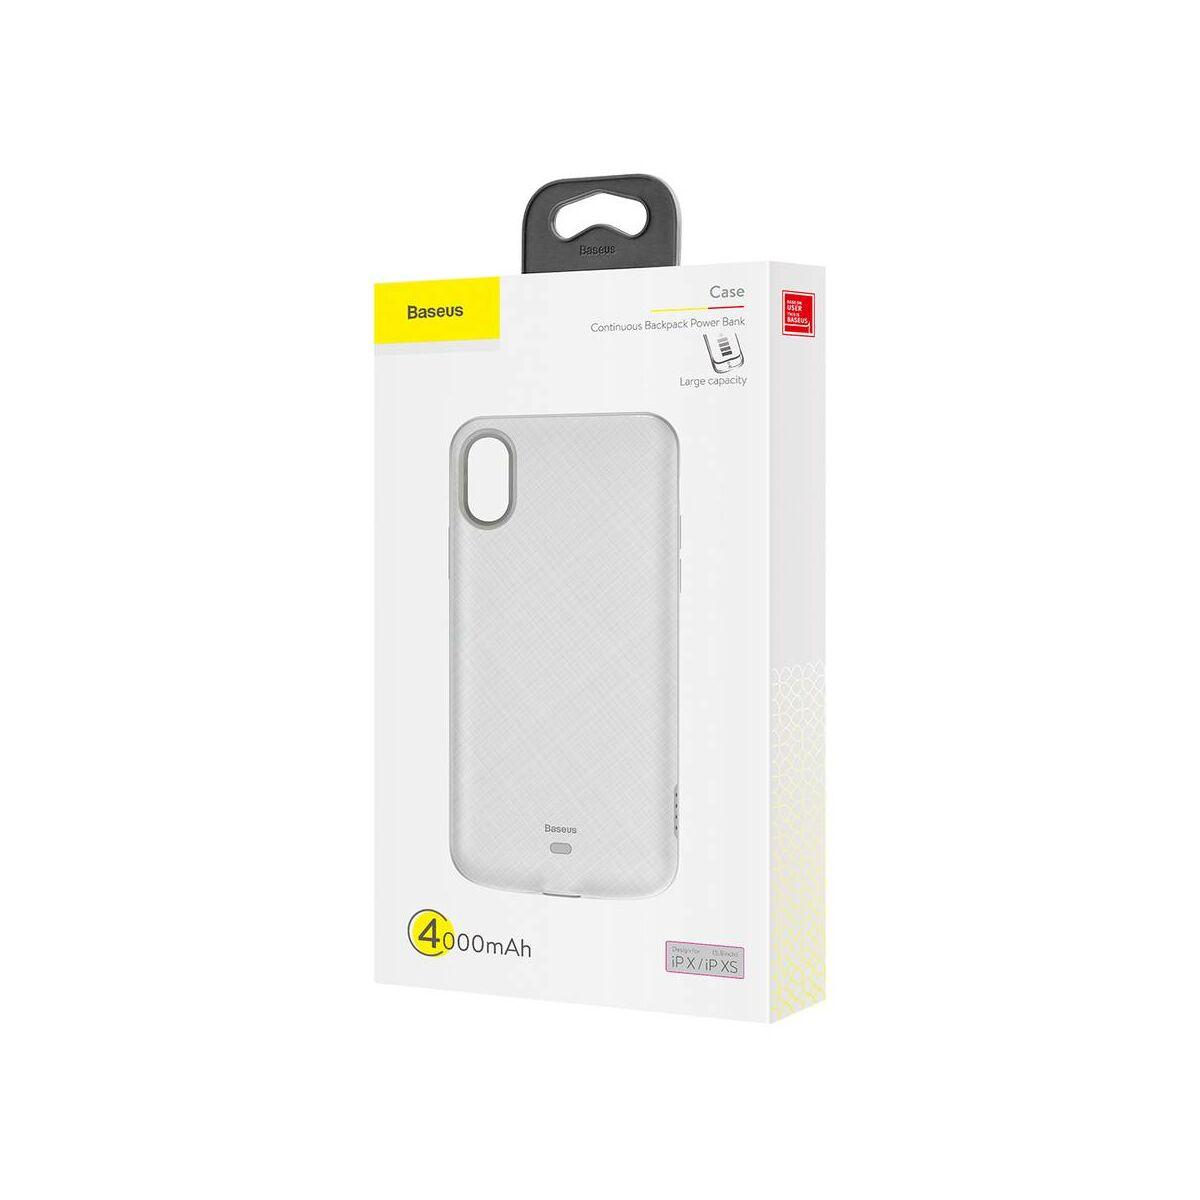 Baseus Power Bank tok, Continuous Backpack 4000 mAh iPhone XS, fehér (ACAPIPH58-BJ02)